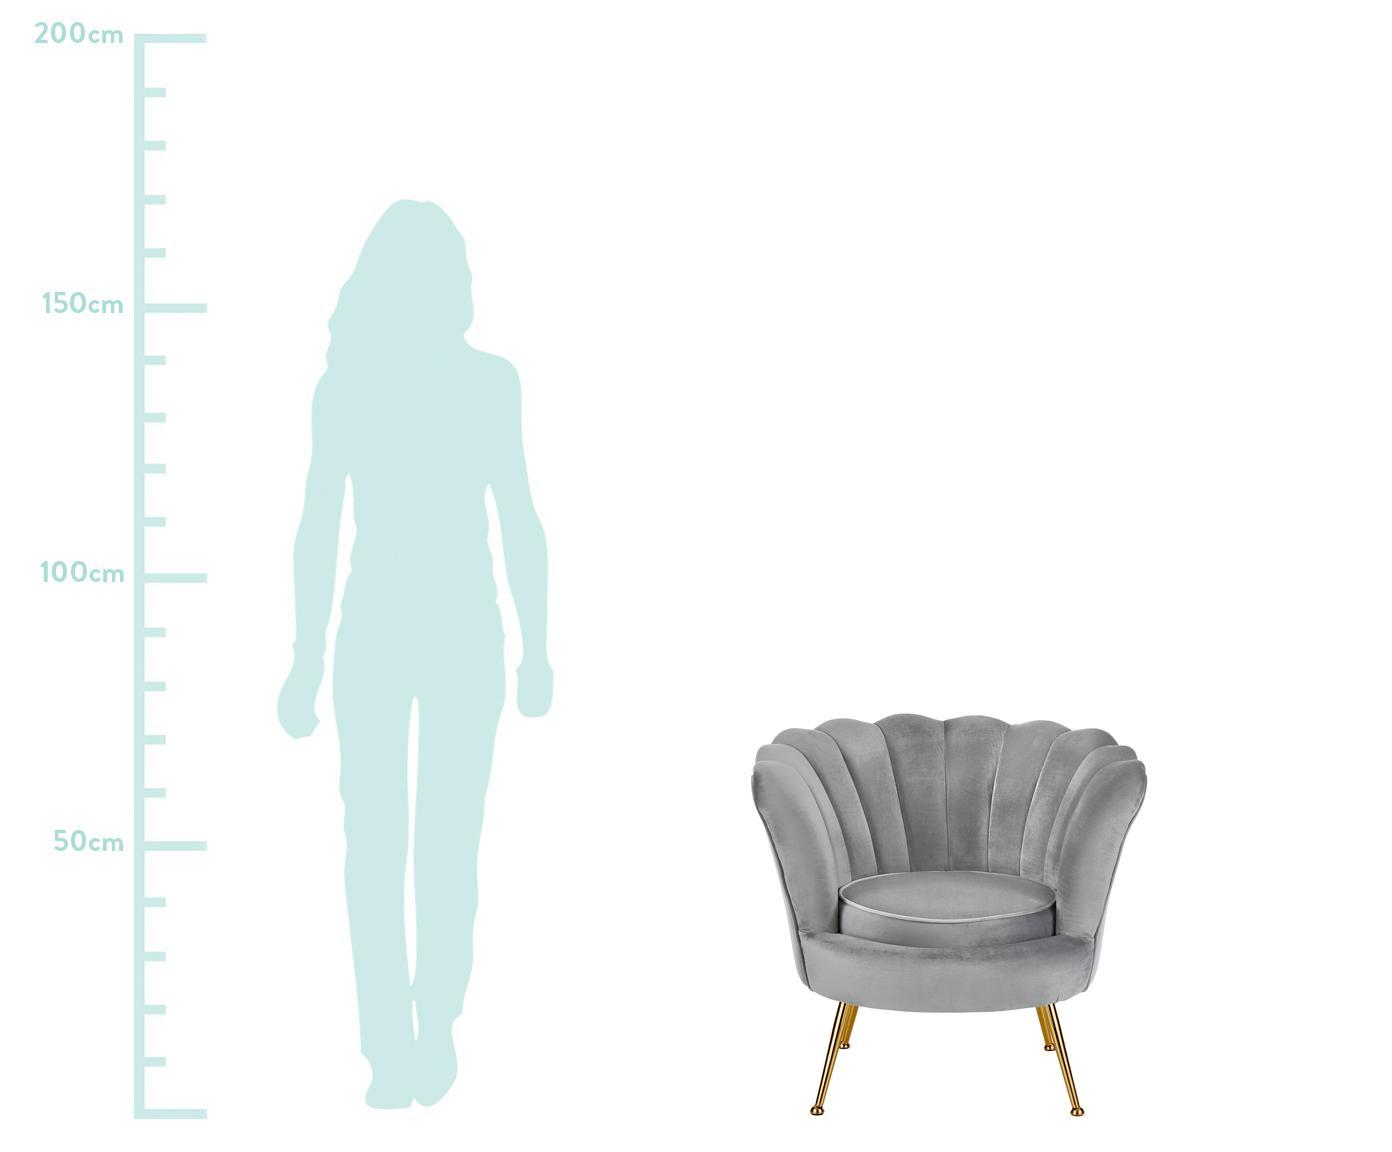 Fotel z aksamitu Oyster, Tapicerka: aksamit (poliester) 25 00, Stelaż: lite drewno topoli, sklej, Nogi: metal galwanizowany, Szary, S 81 x G 78 cm